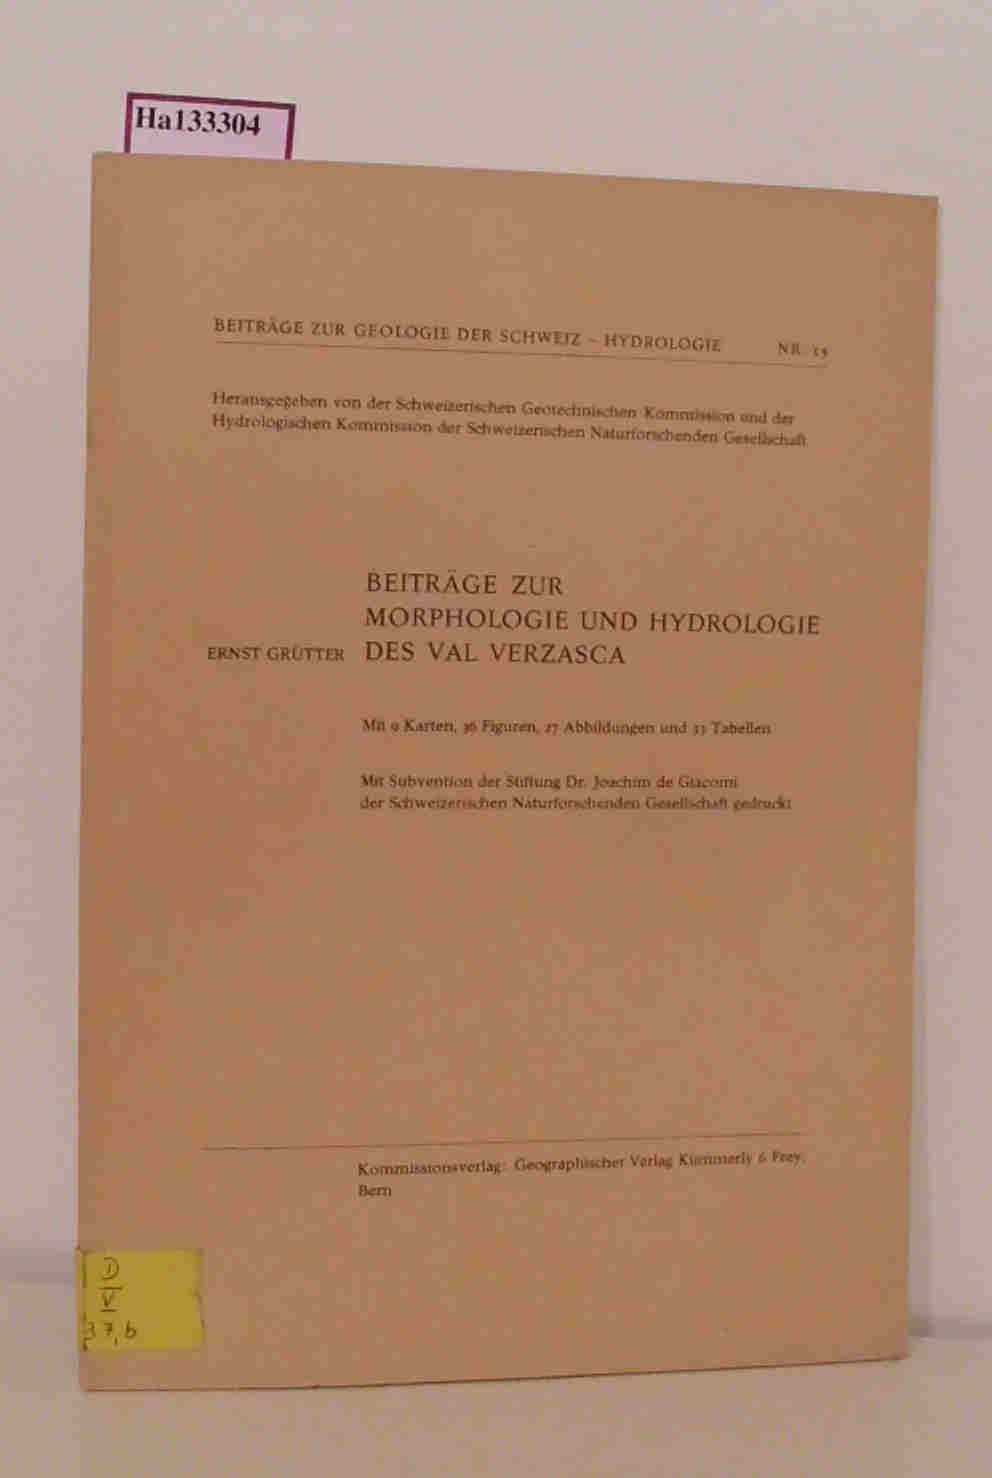 Grütter,  Ernst: Beiträge zur Morphologie und Hydrologie des Val Verzasca. (=Beiträge zur Geologie der Schweiz - Hydrologie, 15).